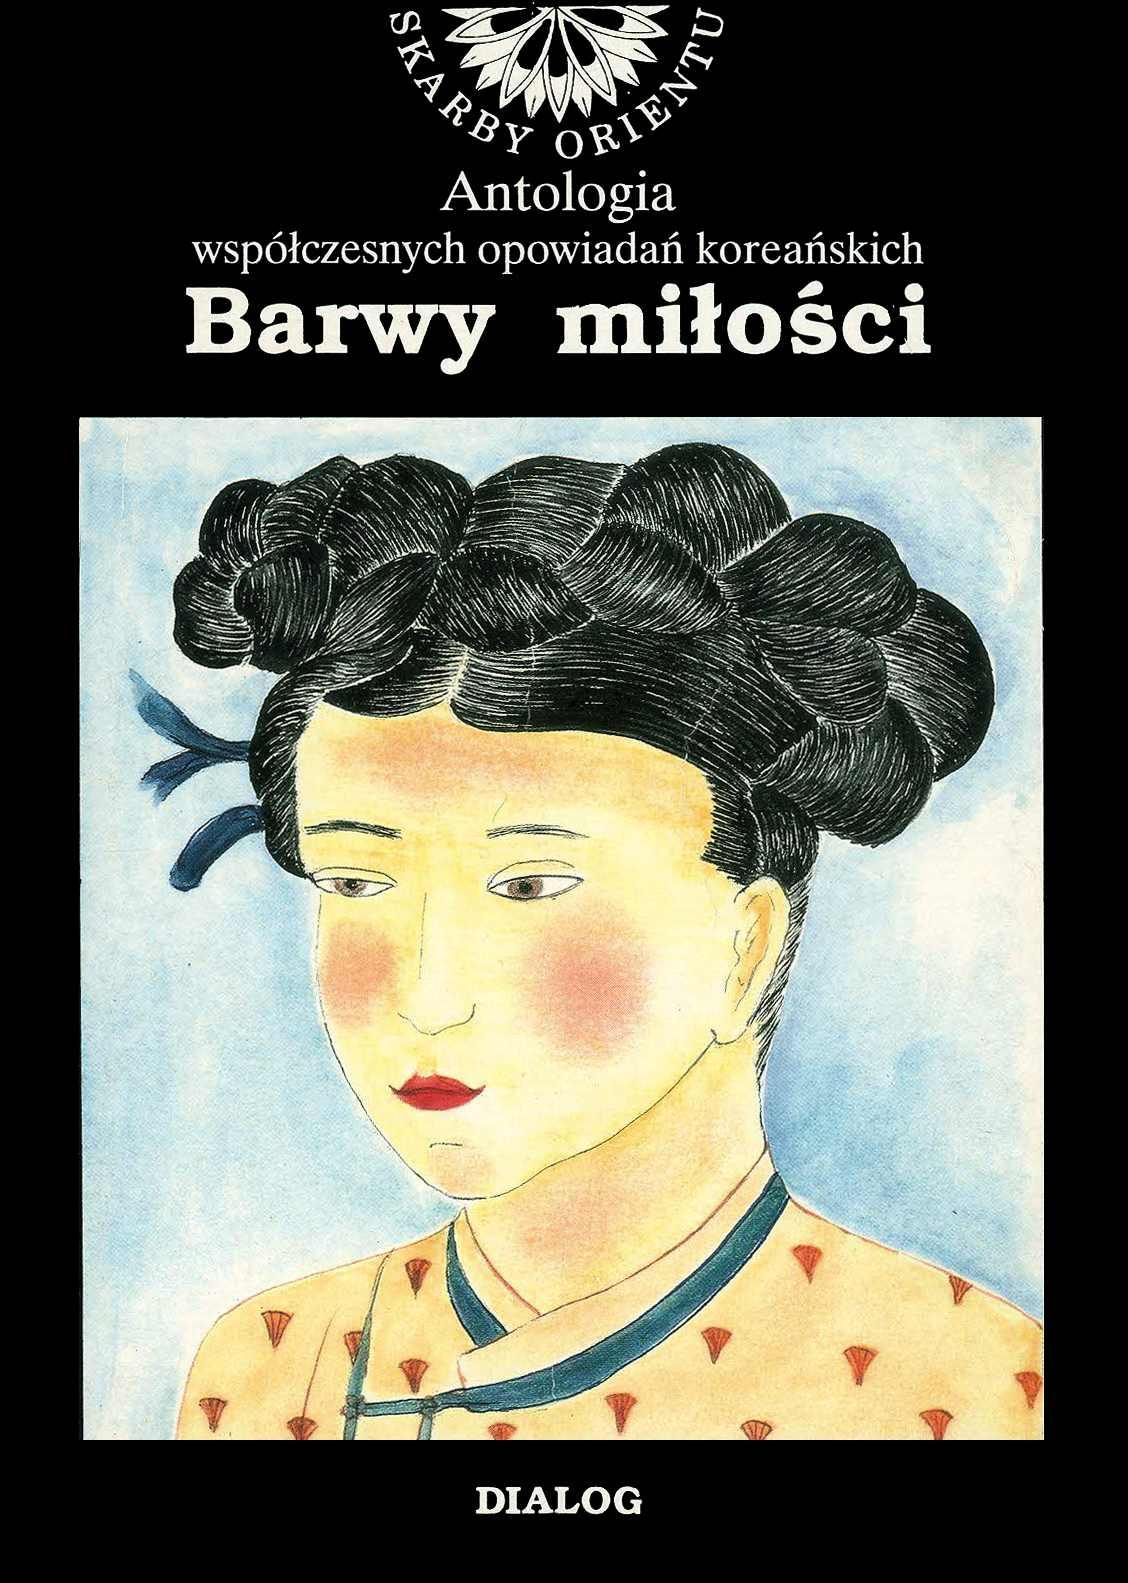 Barwy miłości. Antologia współczesnych opowiadań koreańskich - Ebook (Książka na Kindle) do pobrania w formacie MOBI